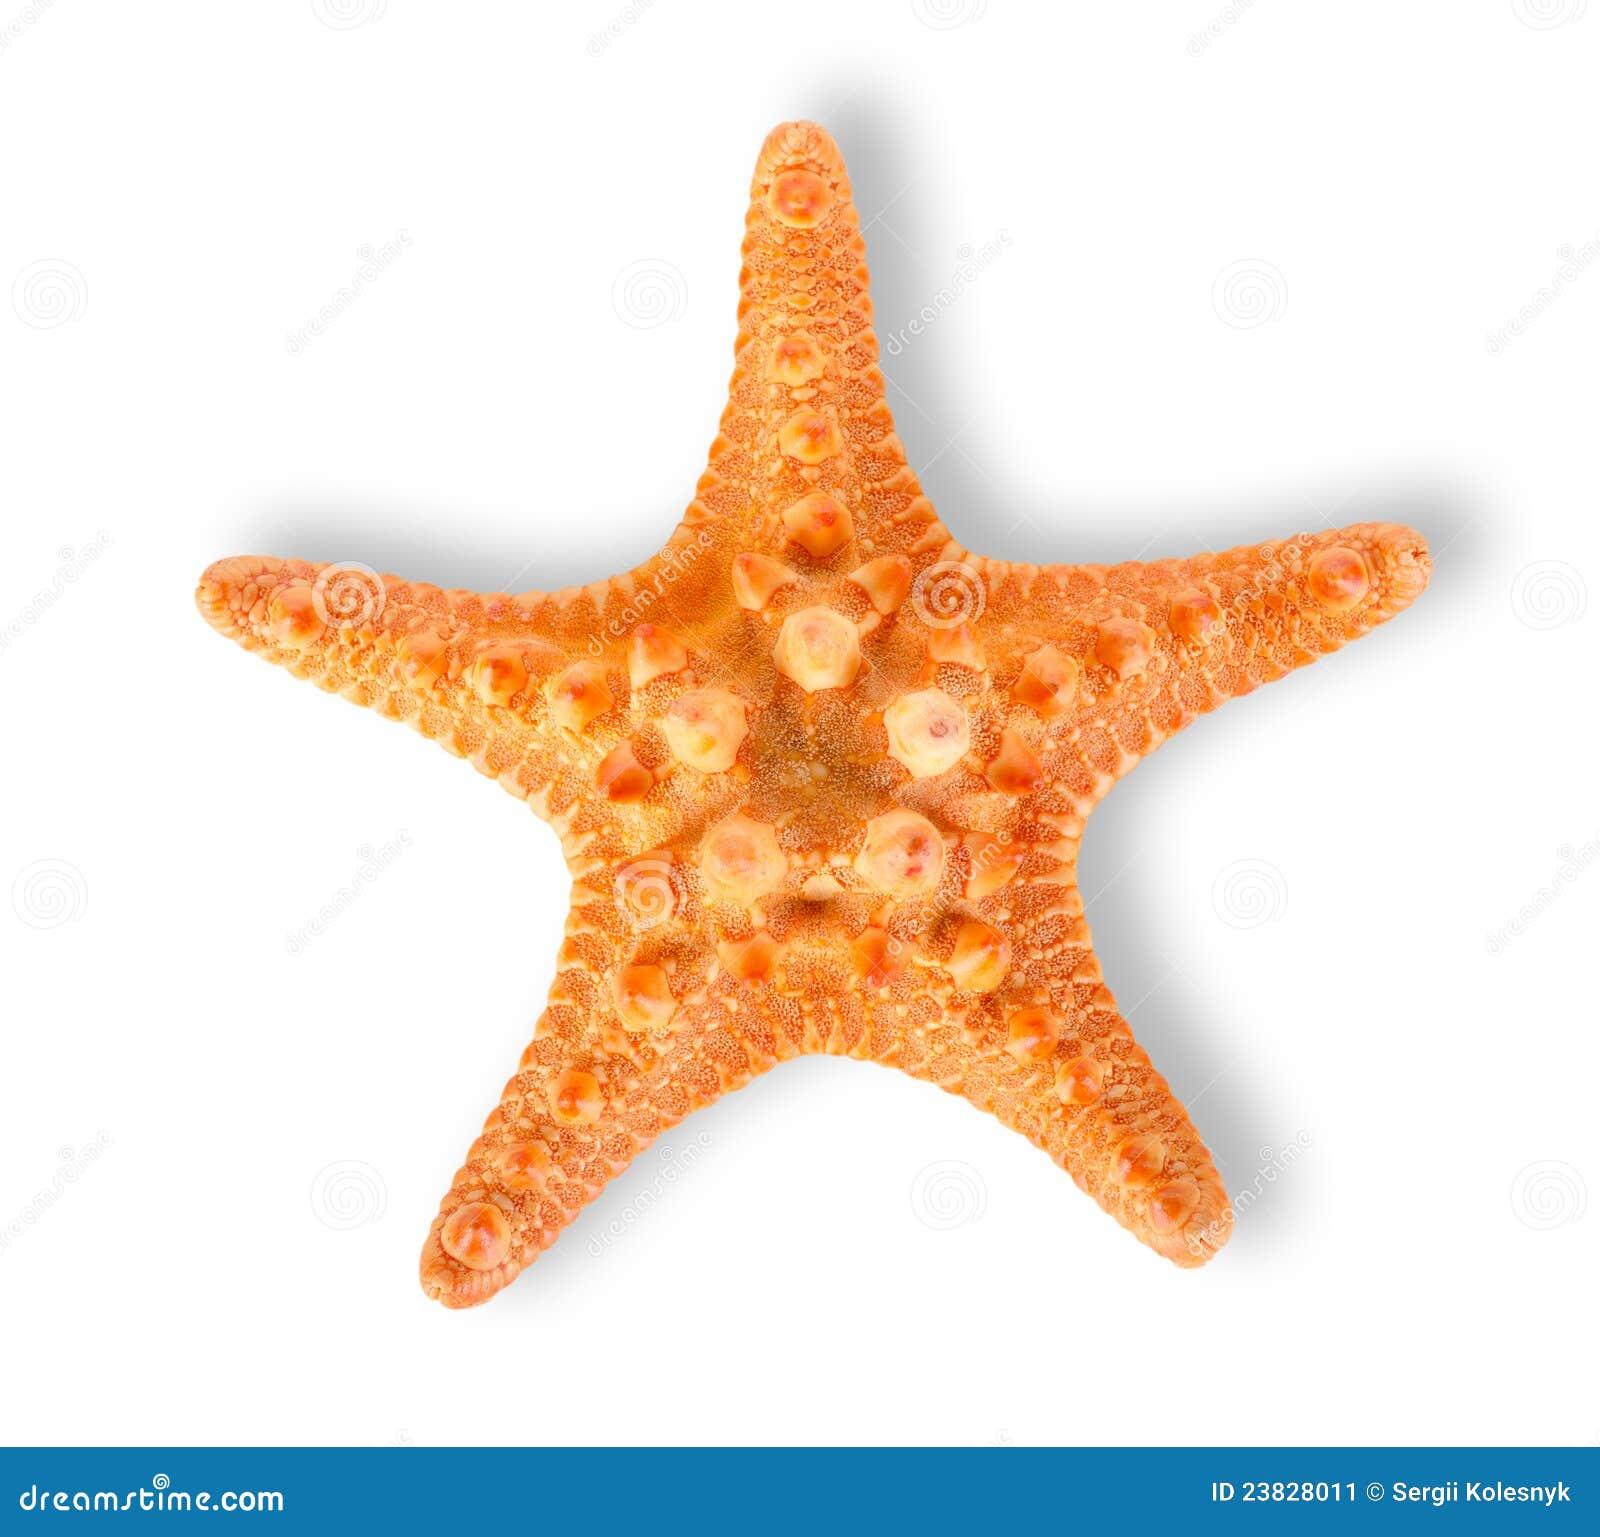 Starfish Stock Image - Image: 23828011